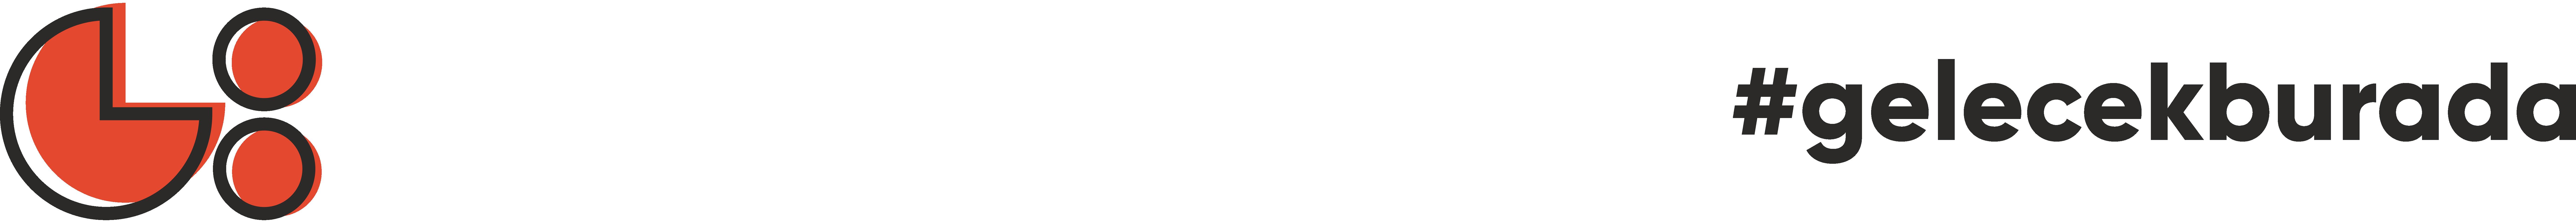 Gelecek Burada logo